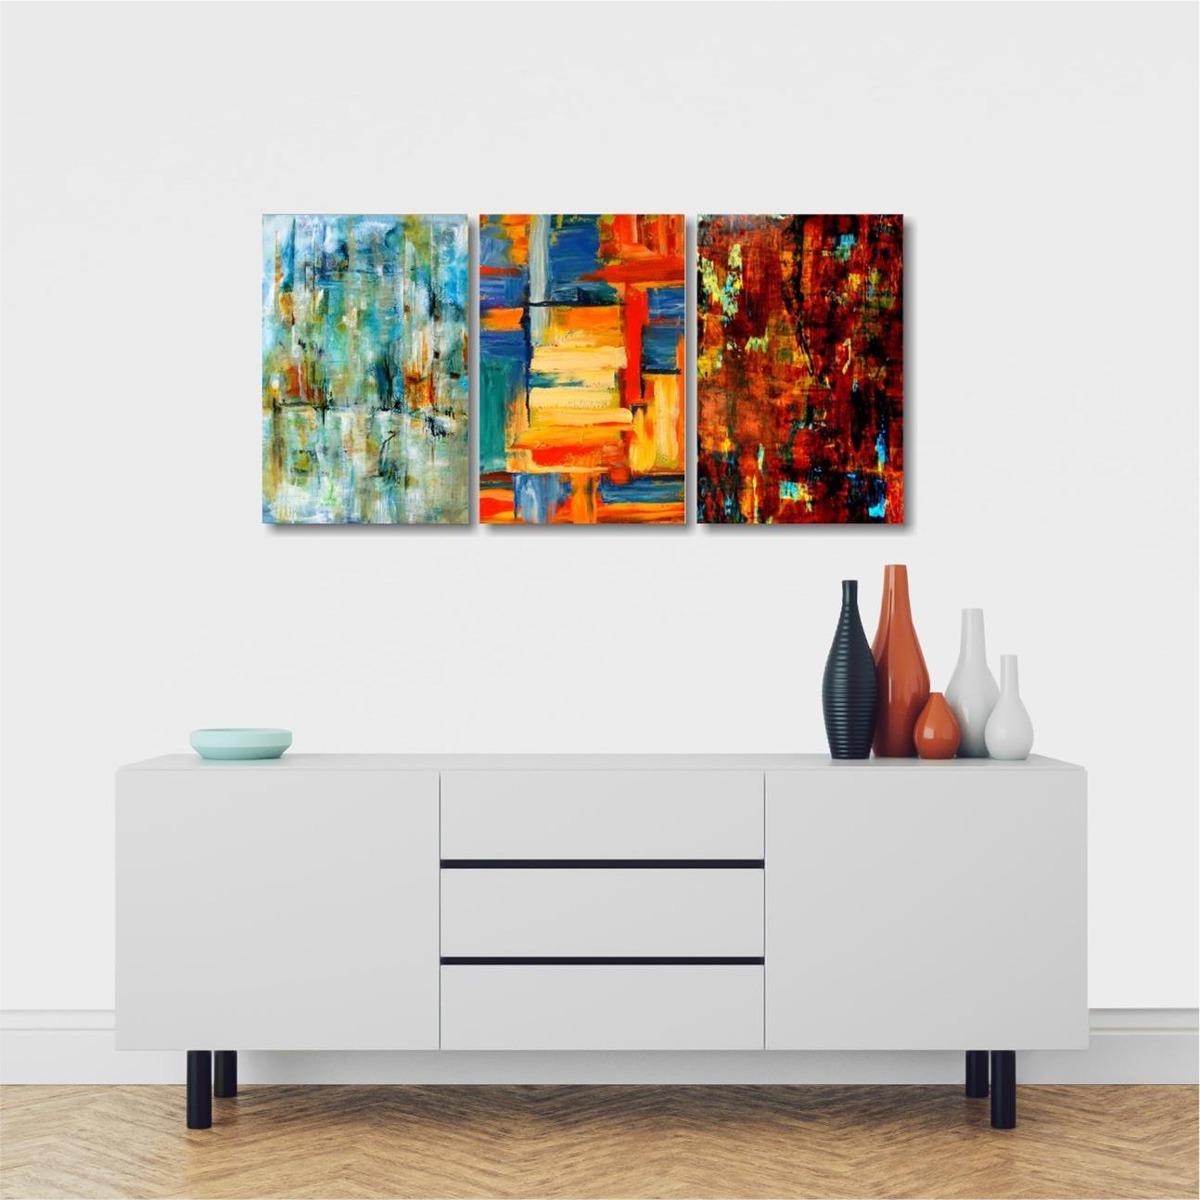 13960cbf6 kit quadros decorativos abstrato moderno sala 3 peças. Carregando zoom.